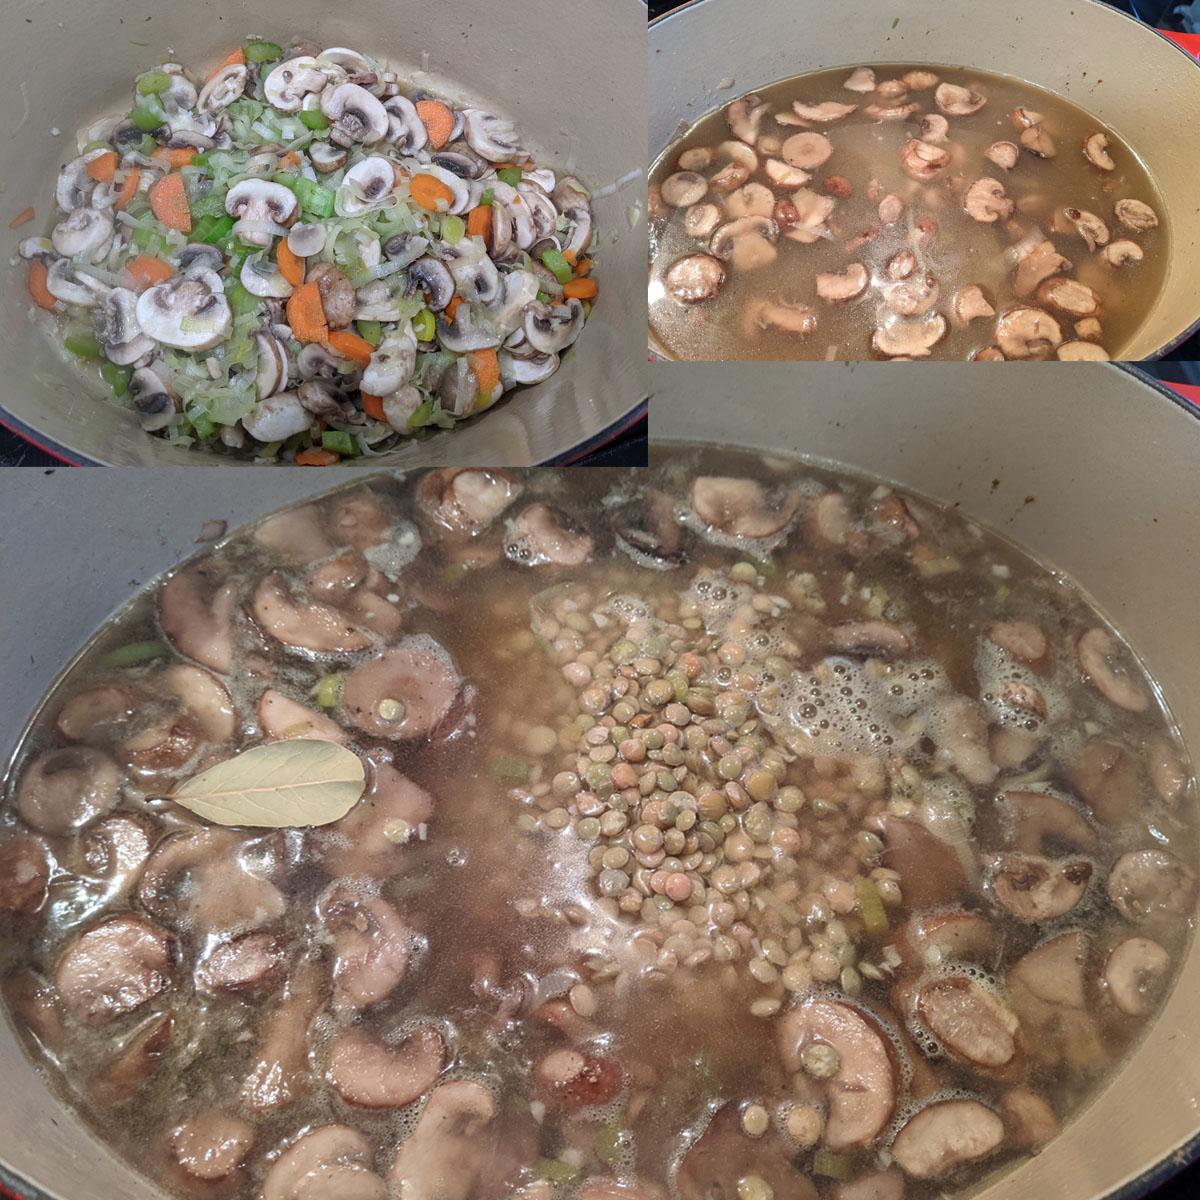 Composite image of preparation of mushroom lentil soup